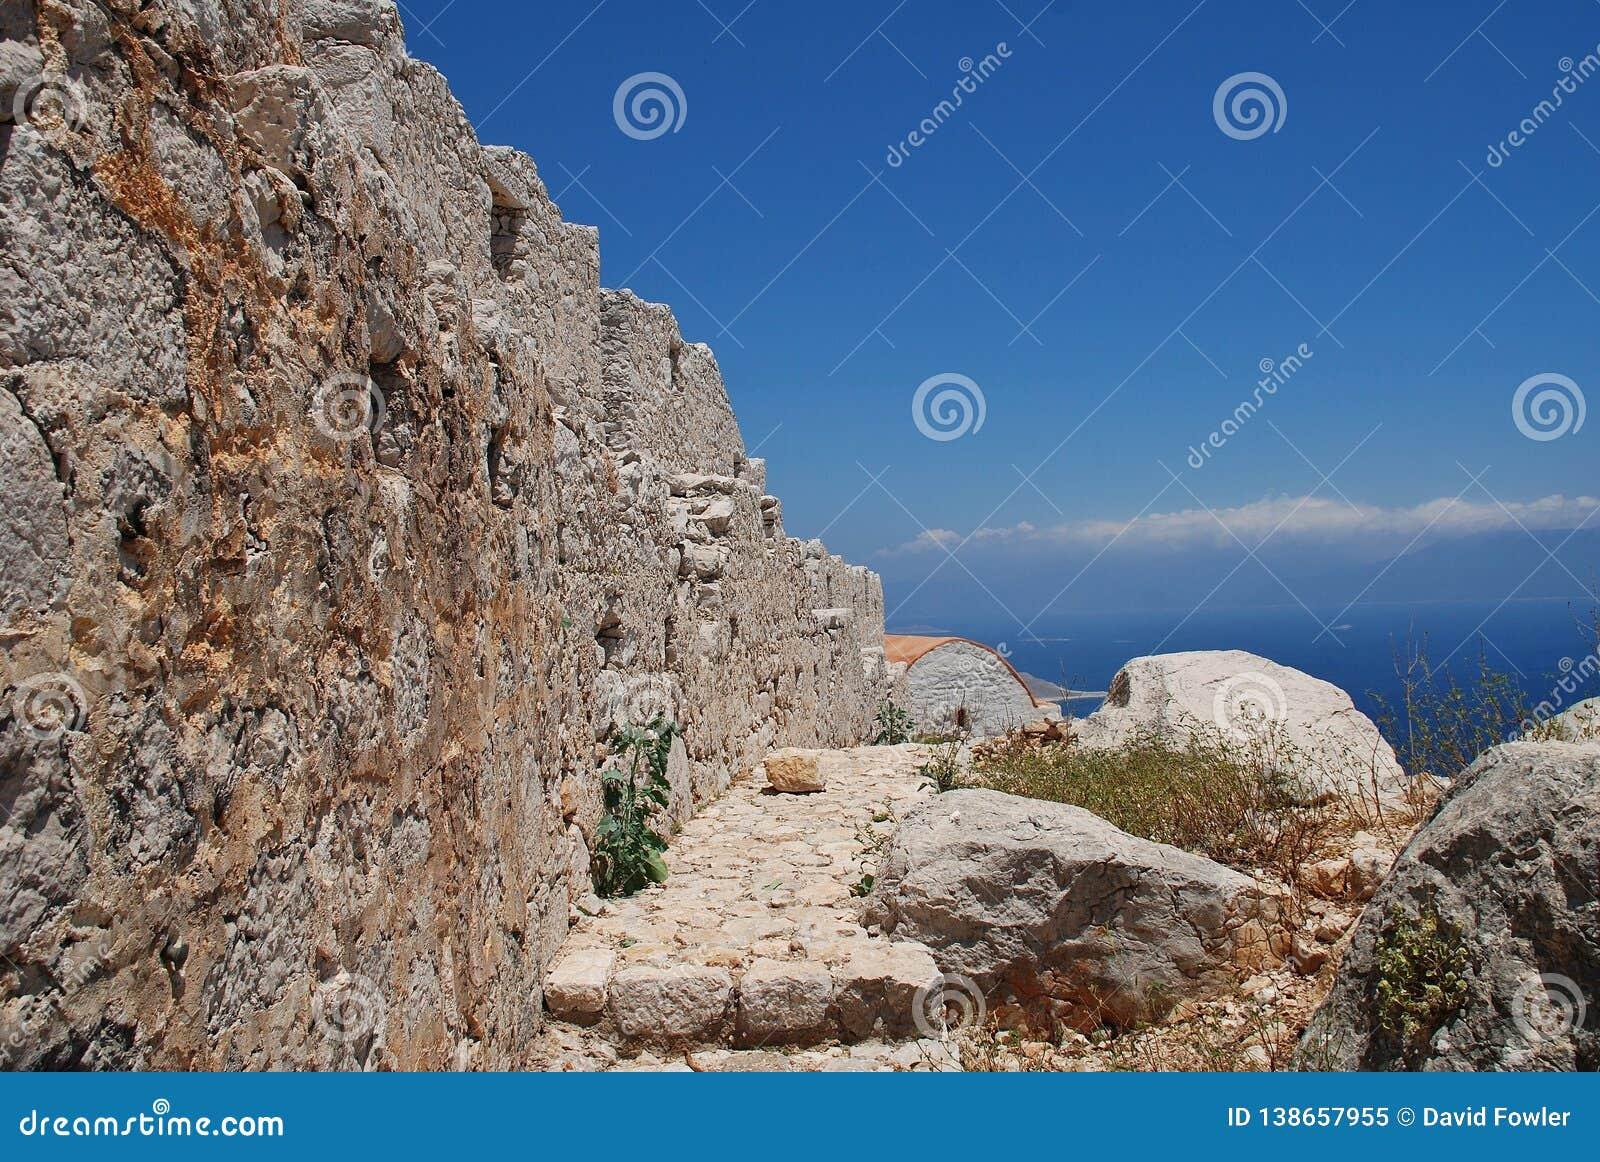 Średniowieczny krzyżowa kasztel, Halka